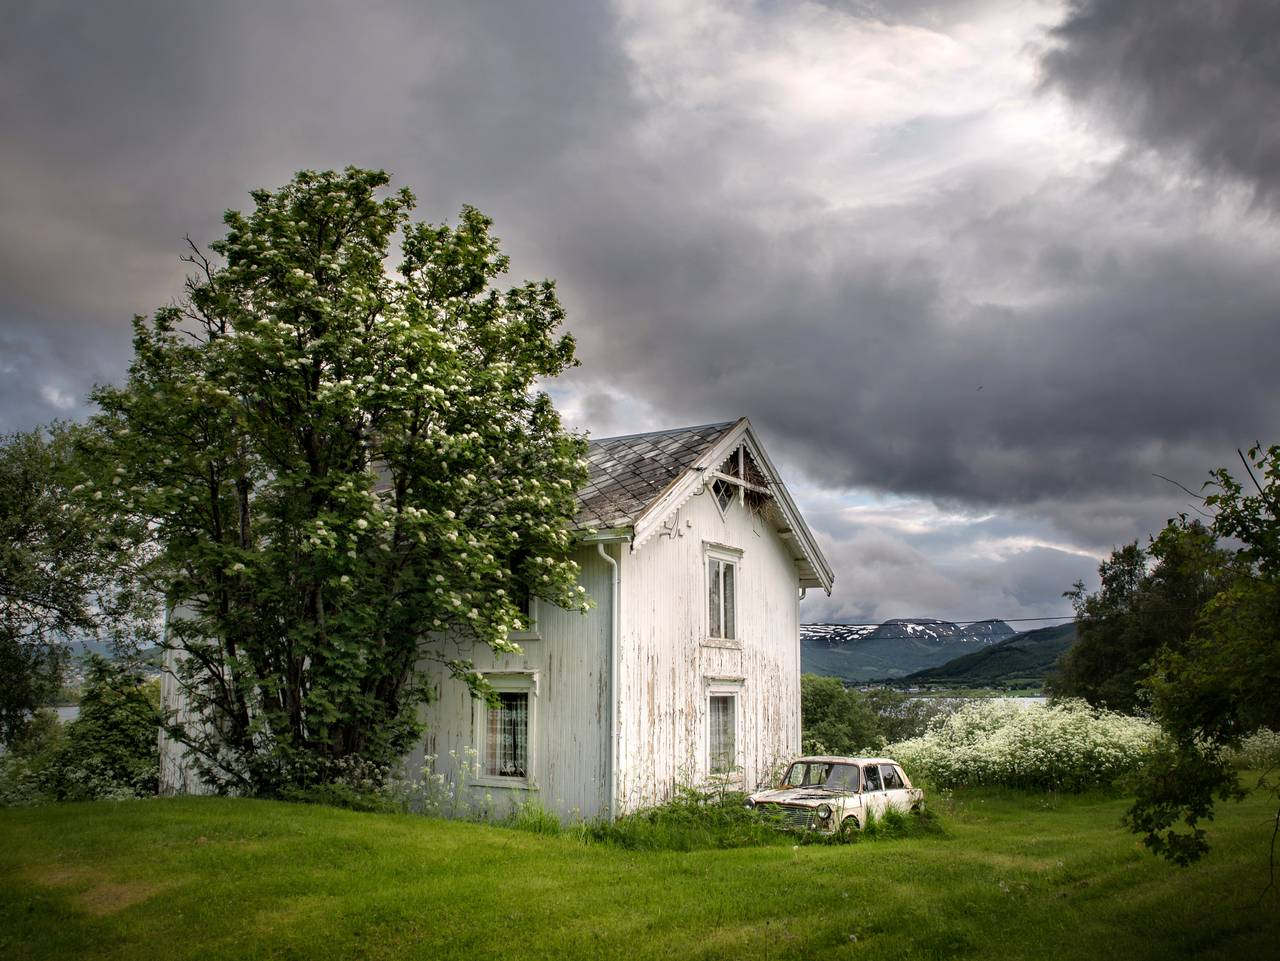 forlatt hus